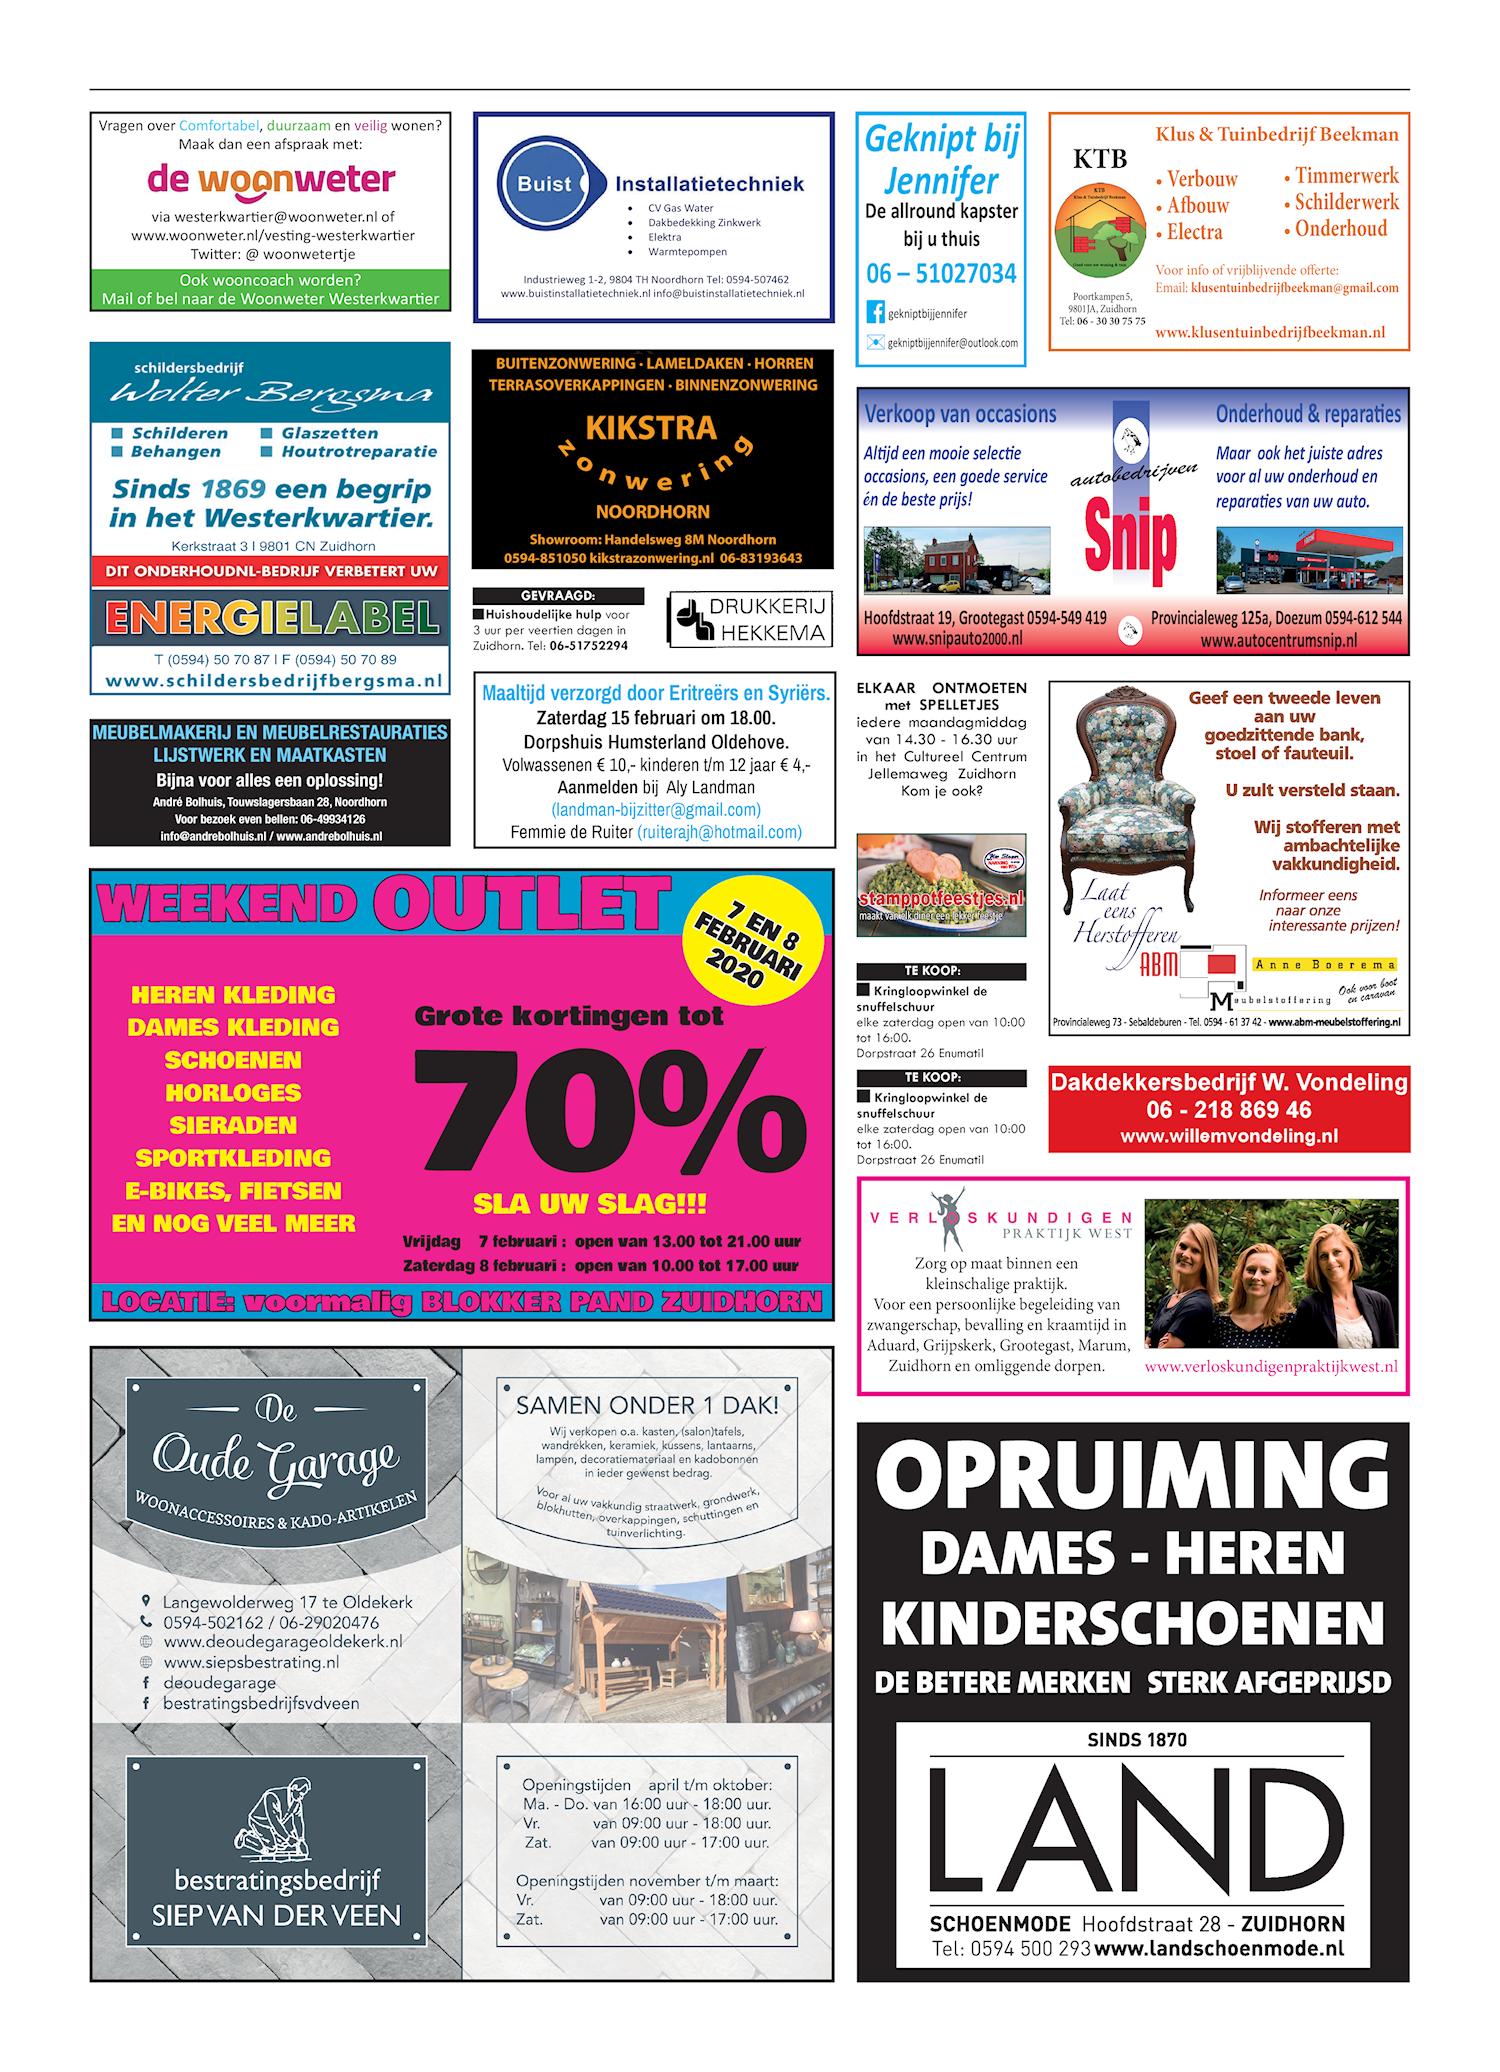 Drukkerij Hekkema - Zuidhorn - Zaken die uw aandacht vragen 2020 week 5